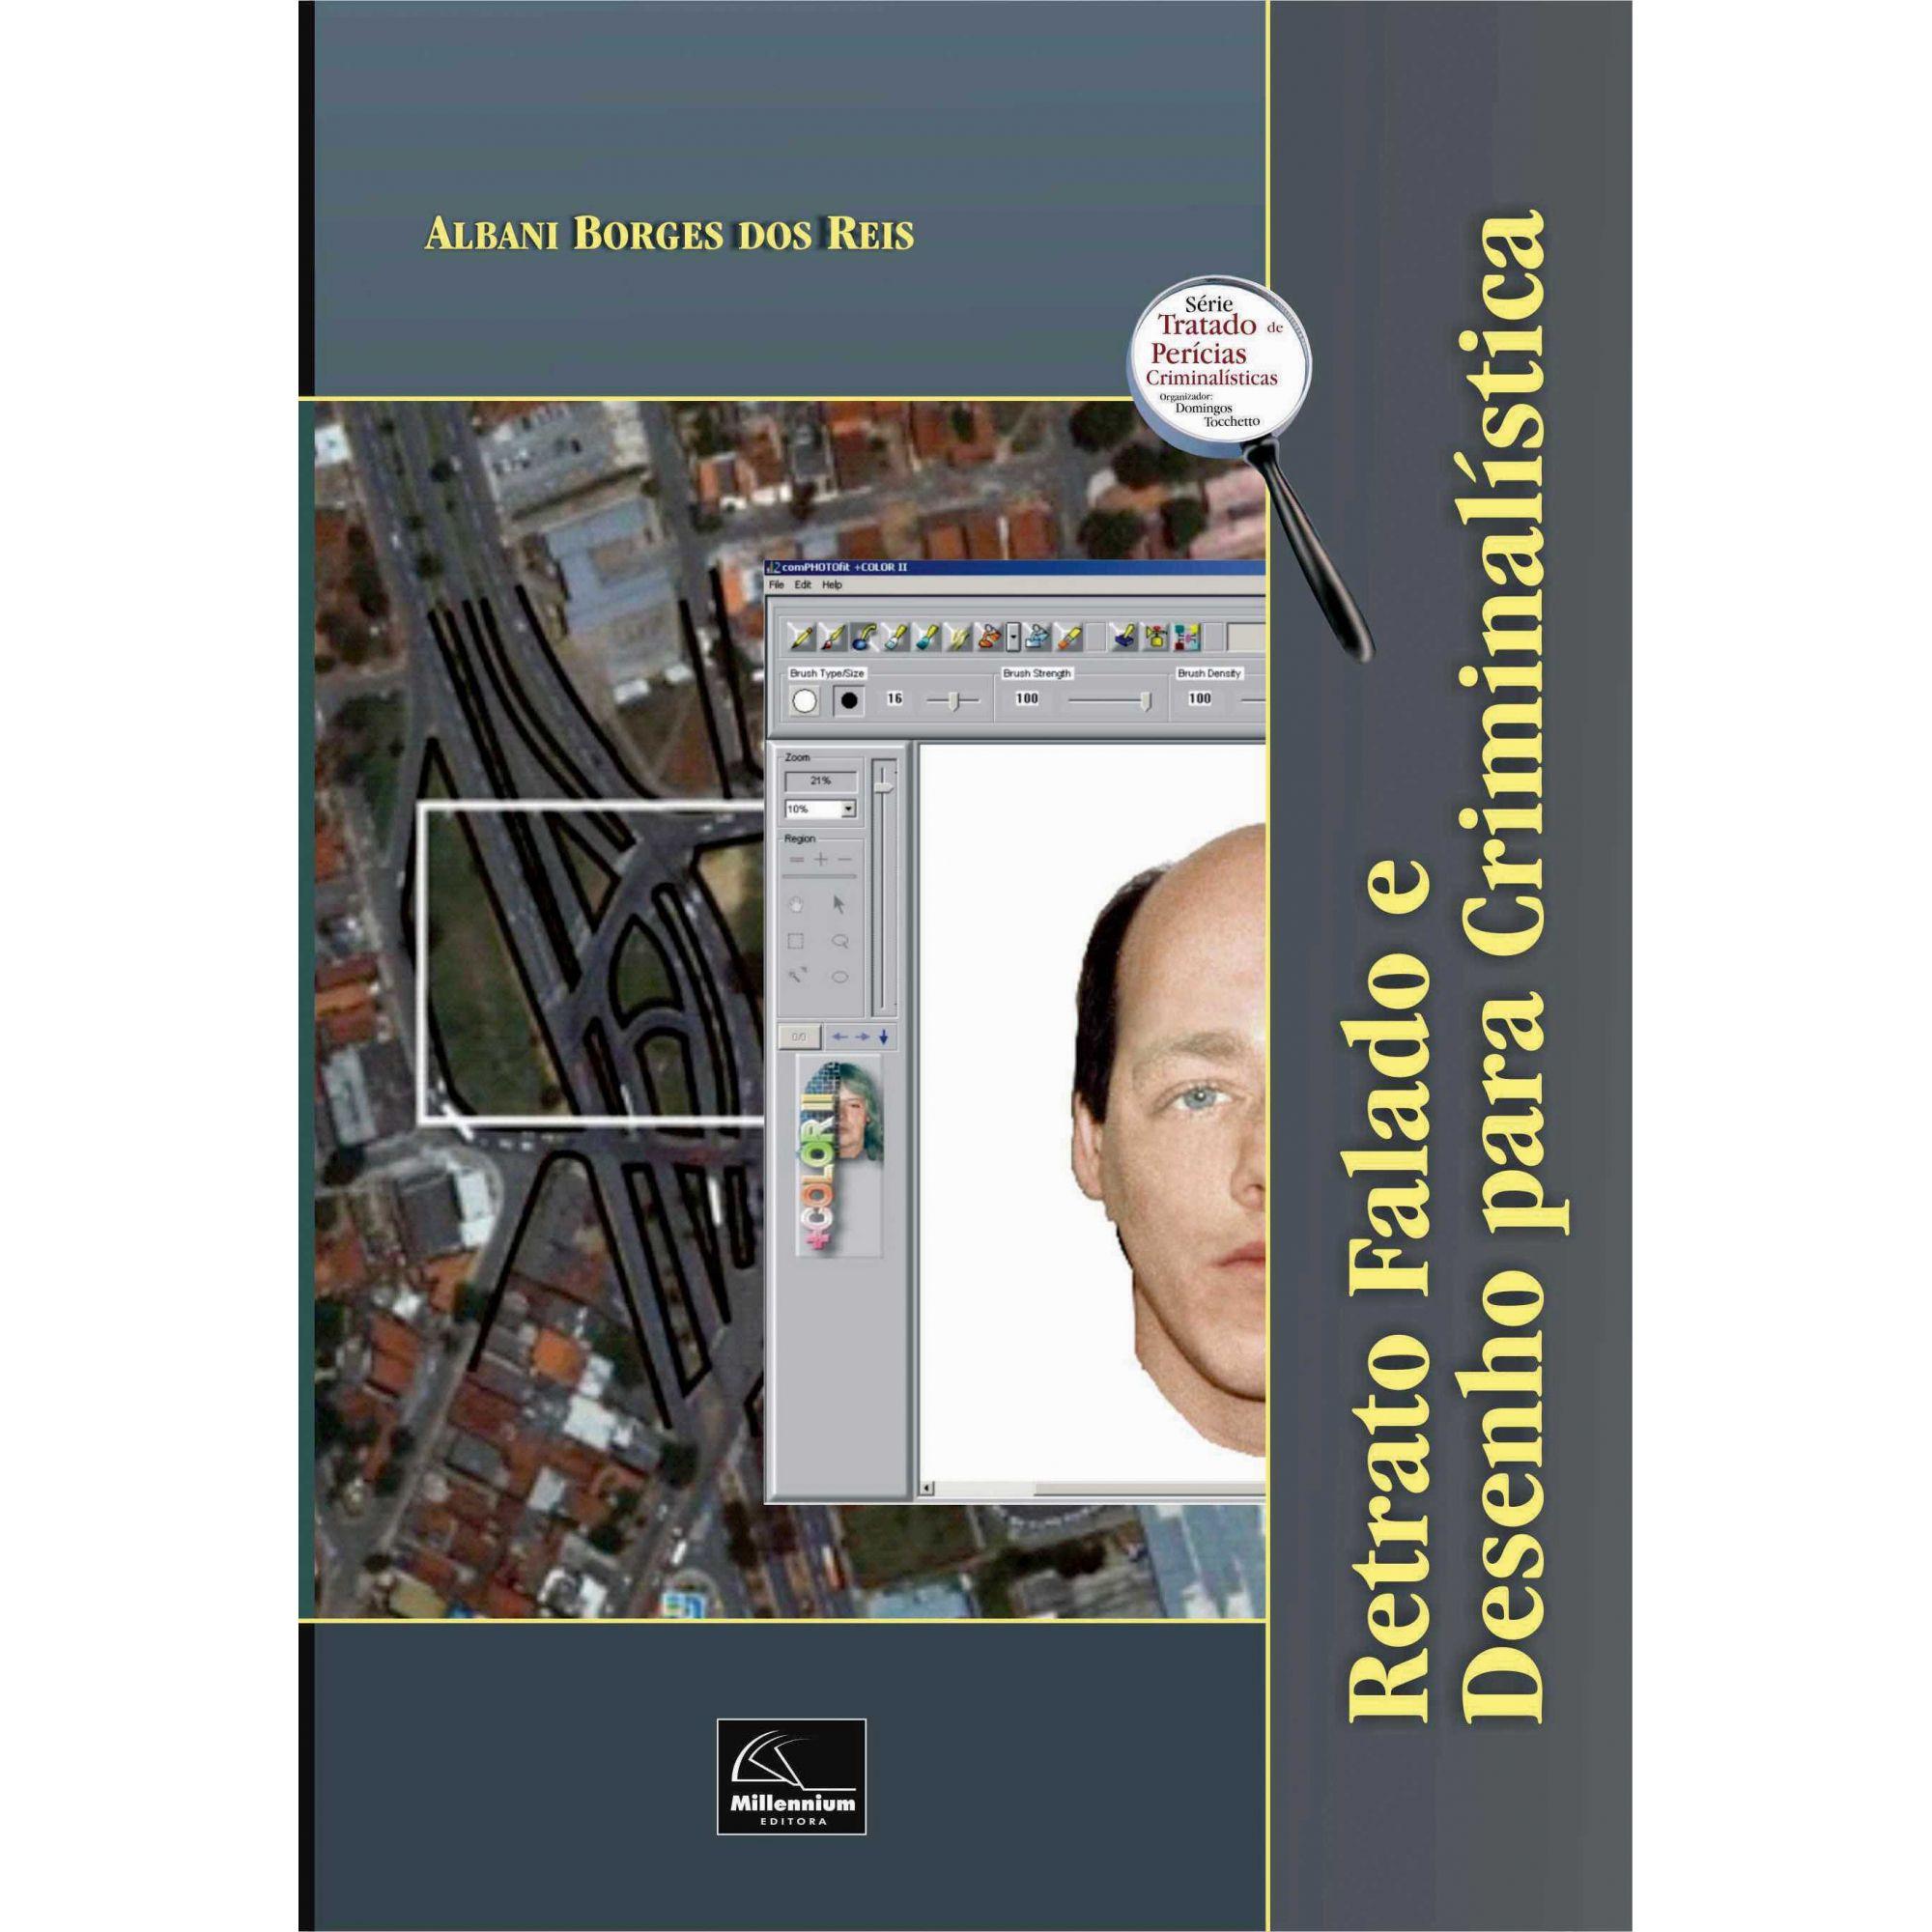 Retrato Falado e Desenho para Criminalística 2ª Edição <b>Autor: Albani Borges dos Reis</b>  - Millennium Editora - Livros de Perícia